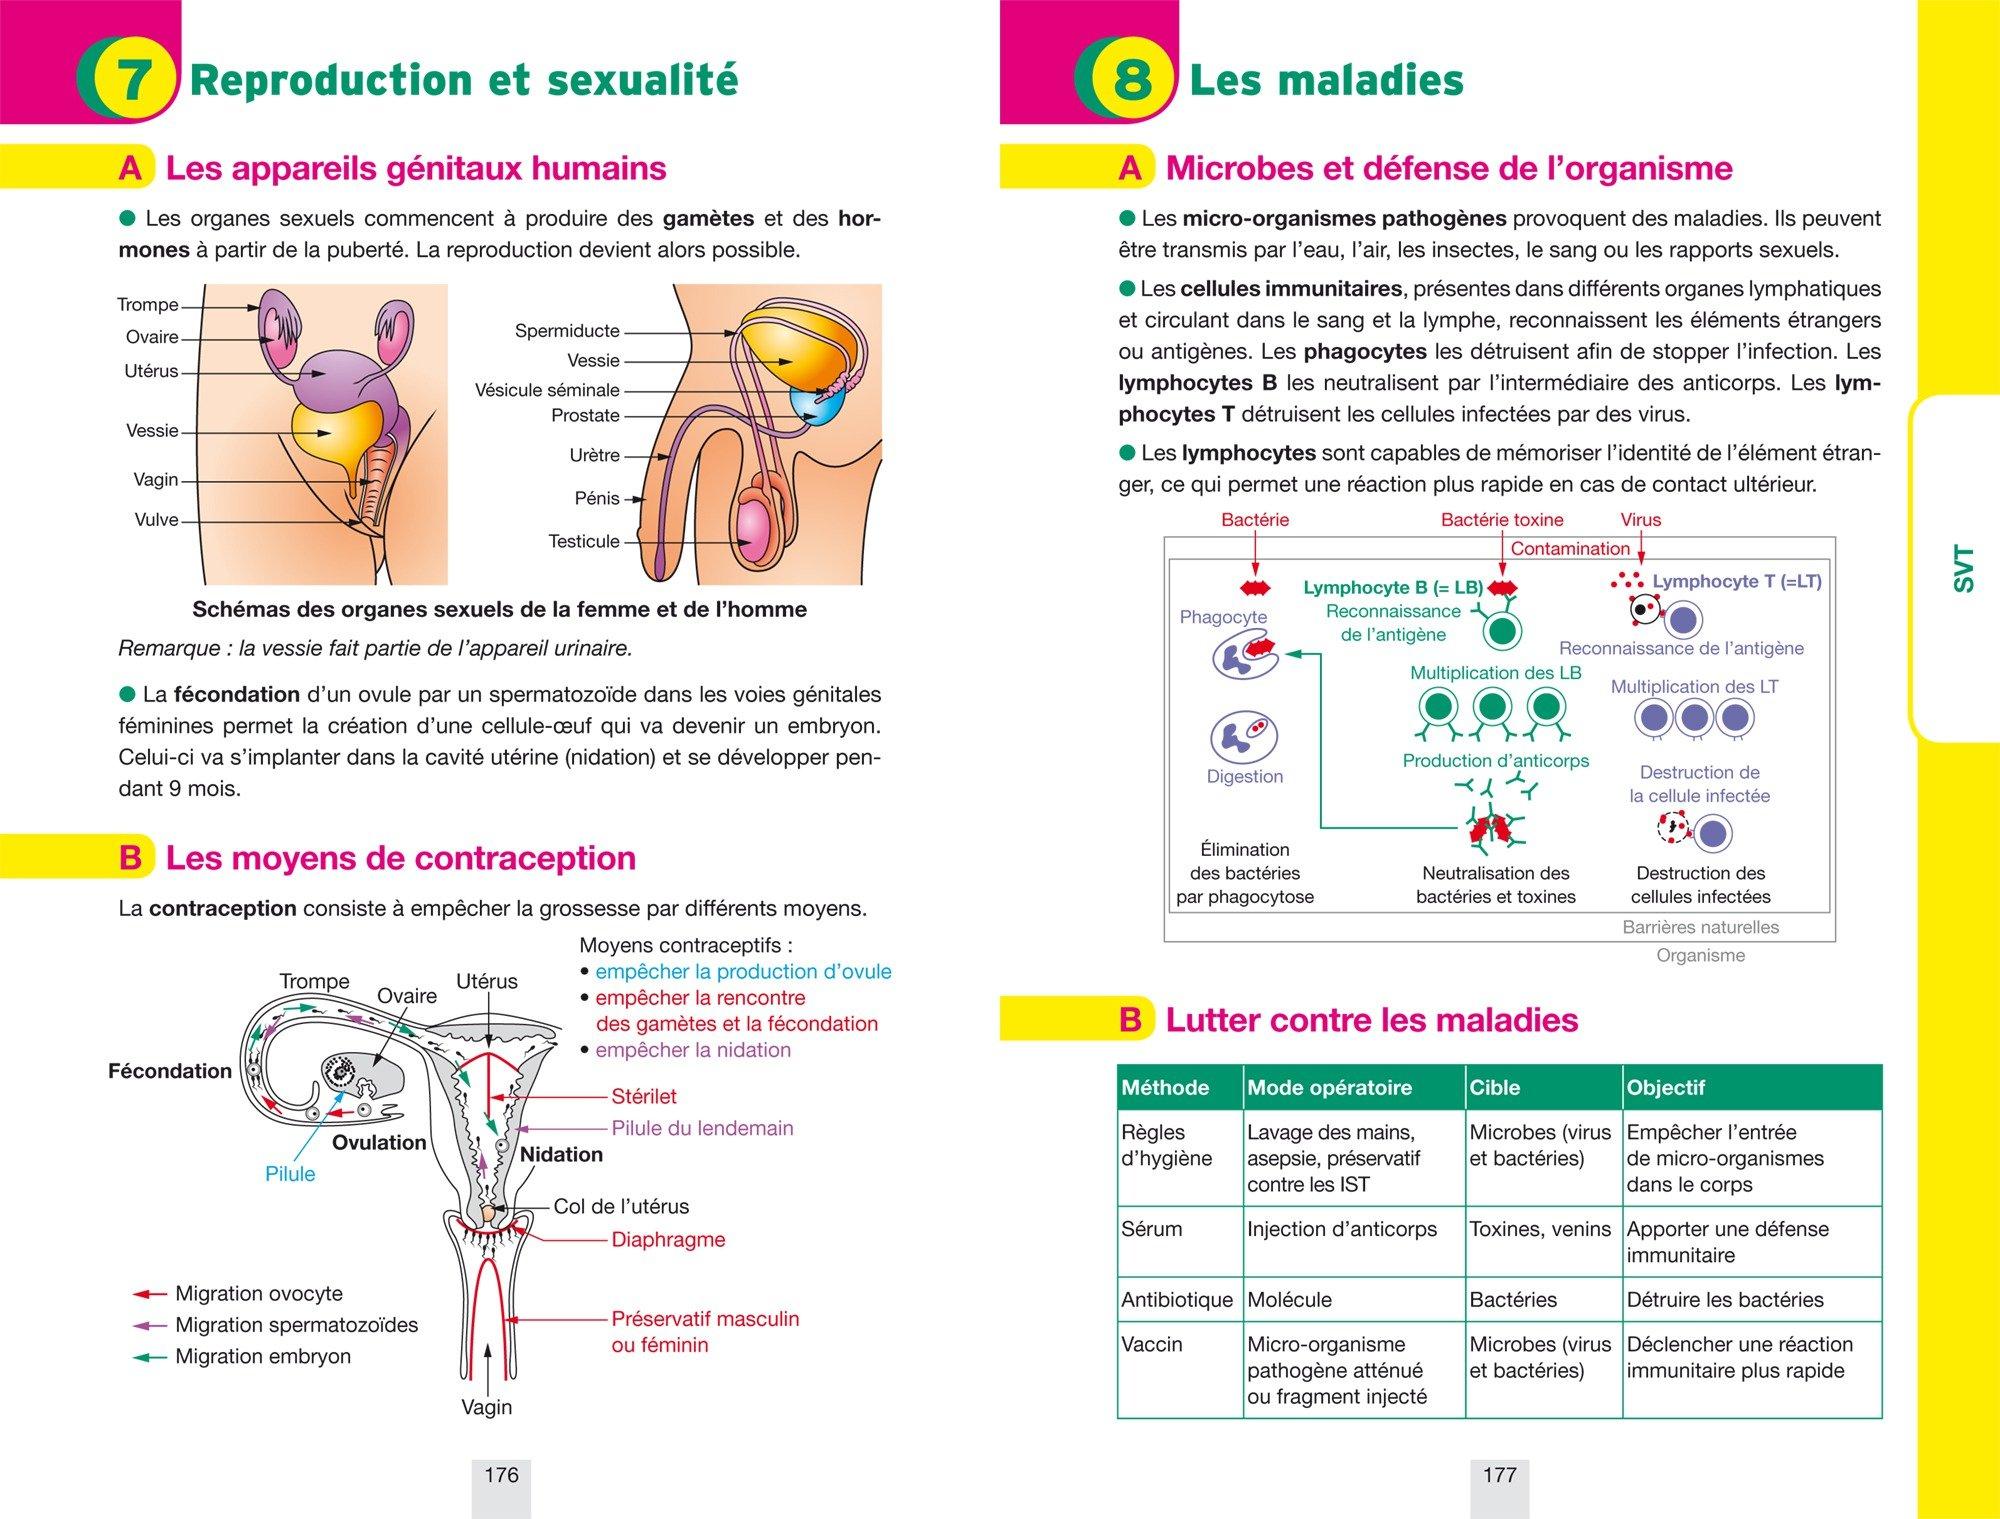 Annales Annabrevet 2017 Physique-chimie SVT Technologie 3e: sujets et corrigés, nouveau brevet: Amazon.es: Sonia Madani, Joël Carrasco, Gaëlle Cormerais, ...